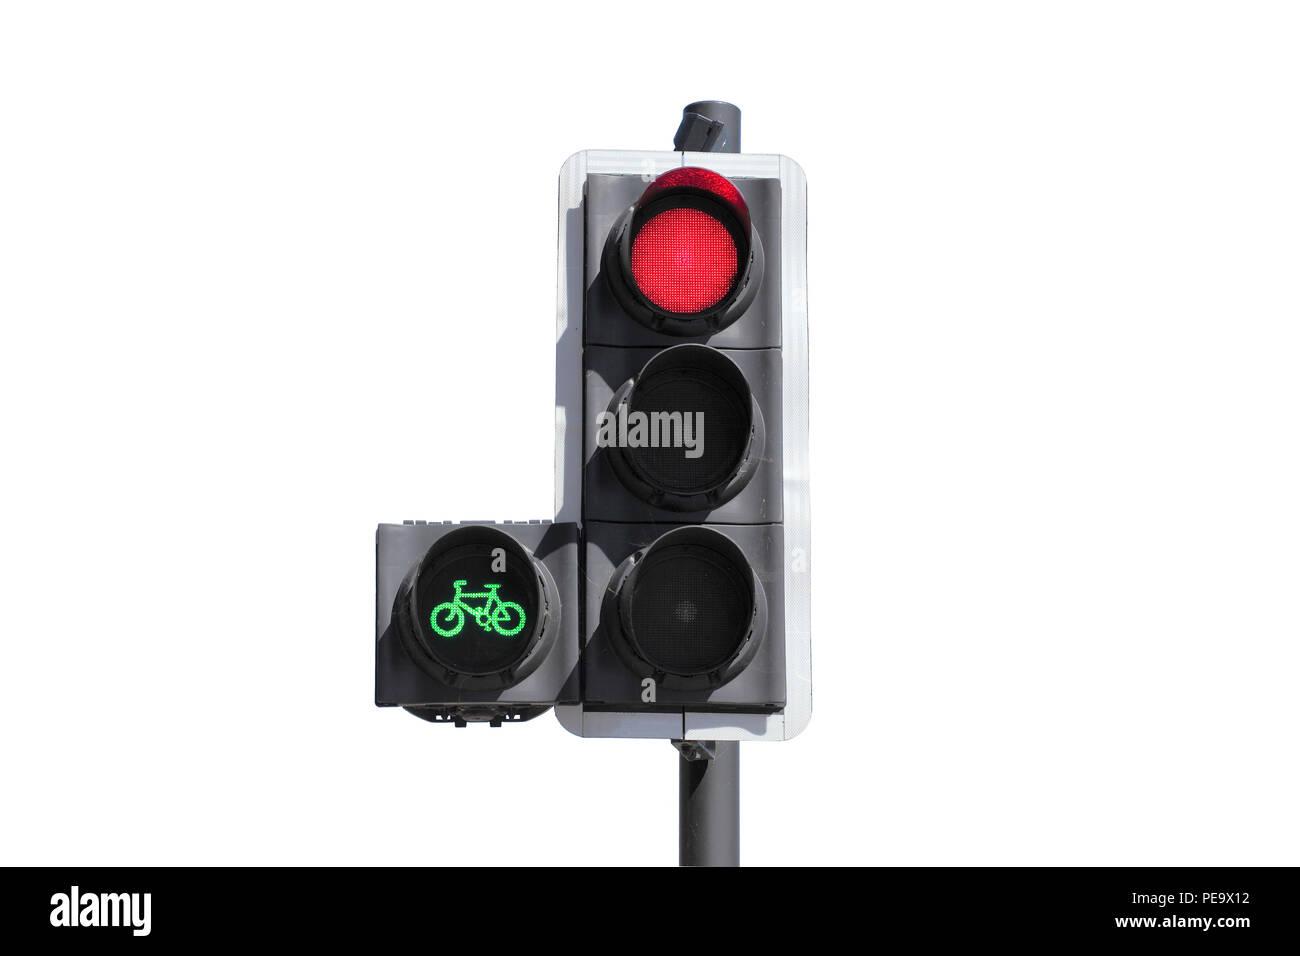 Un ciclo de la señal de tráfico de prioridad. La luz verde da ciclistas un headstart, permitiéndoles cruce antes que el resto del tráfico. Imagen De Stock